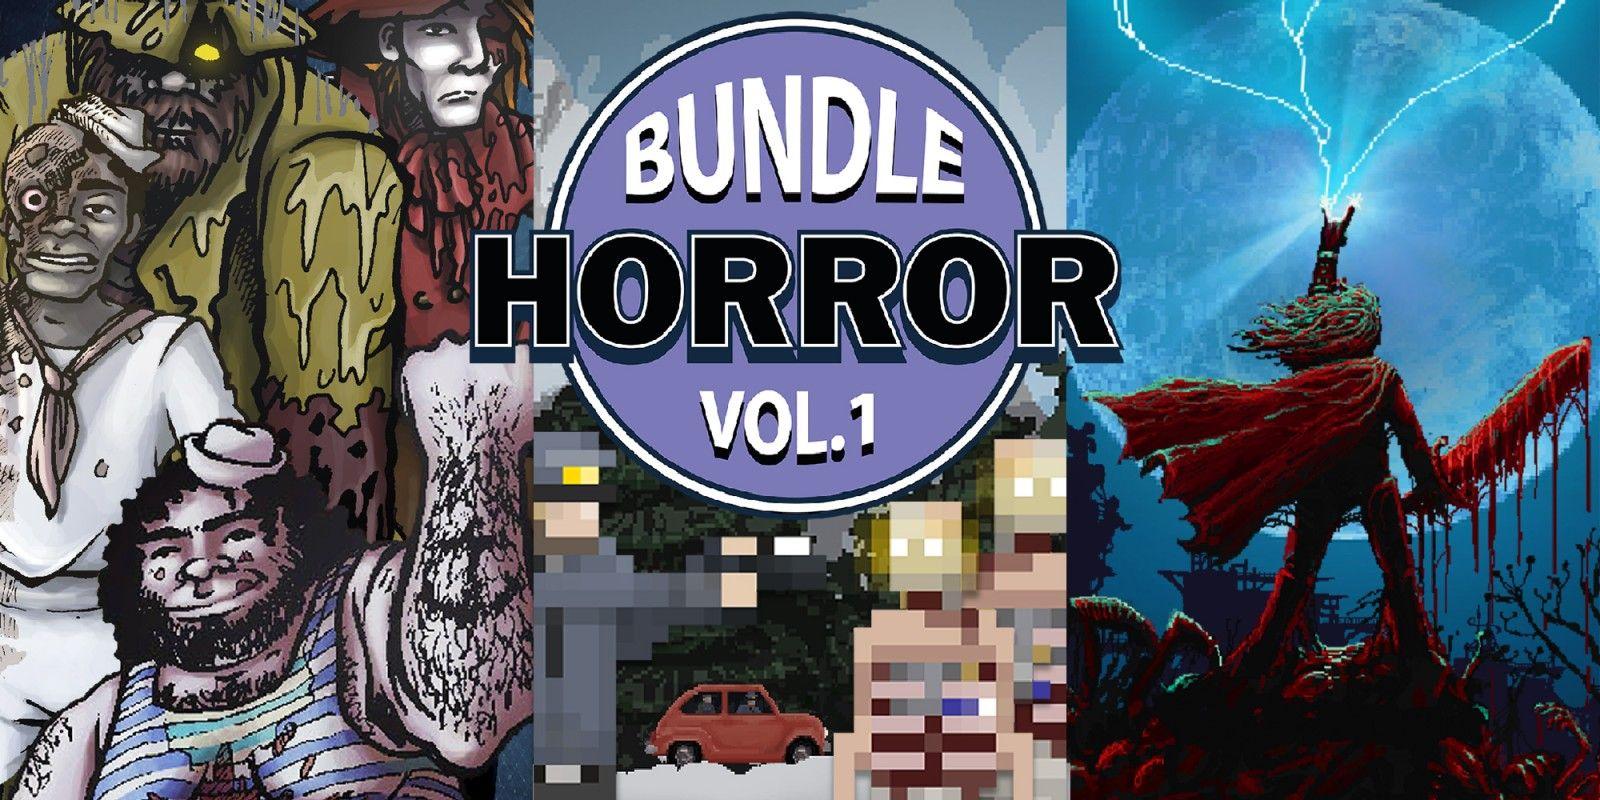 Pack de jeux Horror Bundle Vol.1 (3 jeux) sur Nintendo Switch (Dématérialisé)